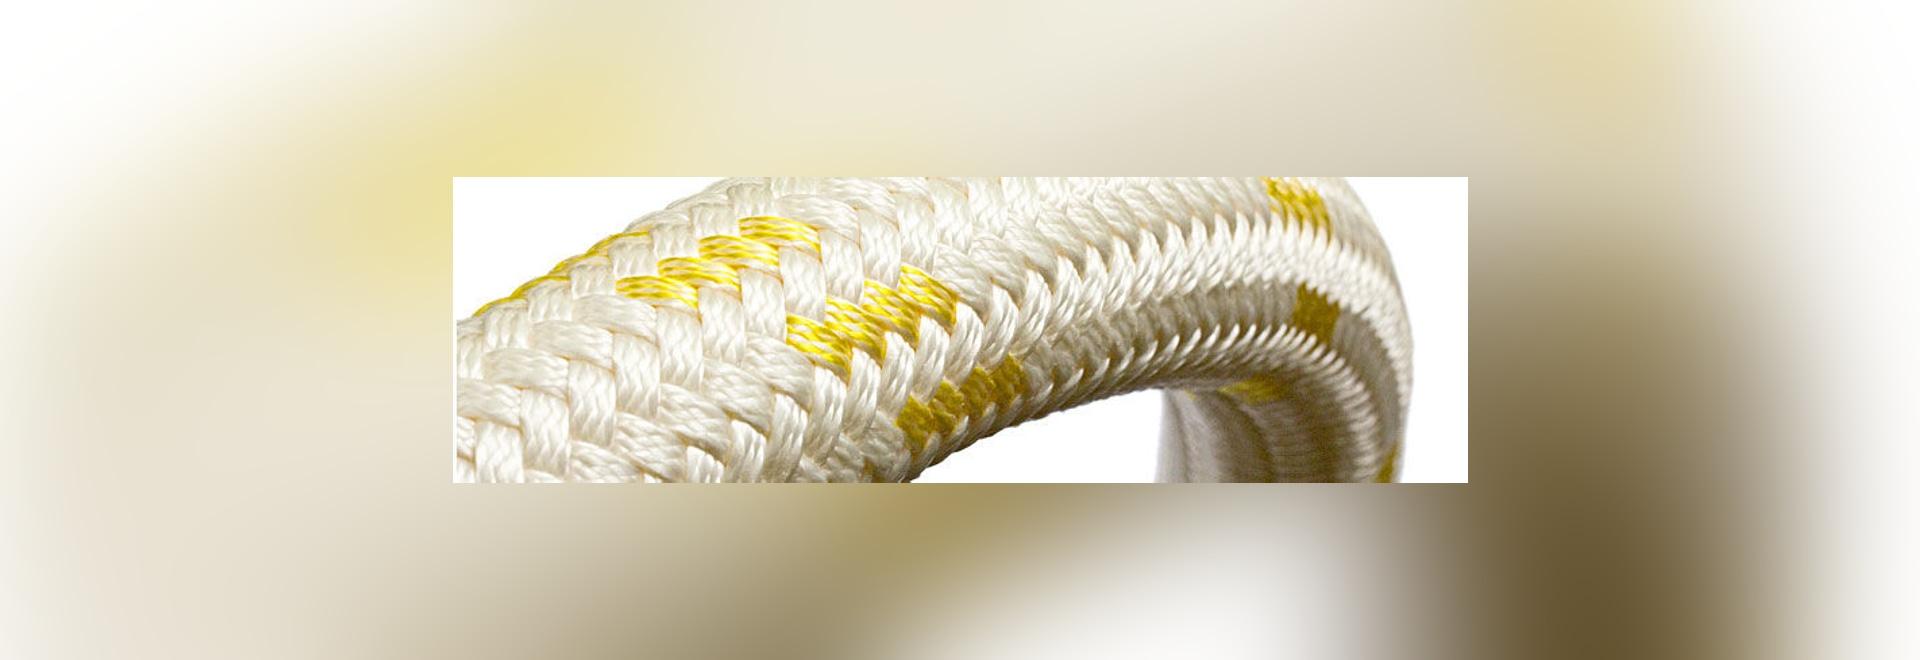 NUEVO: cuerda de la amarradura de Gleistein